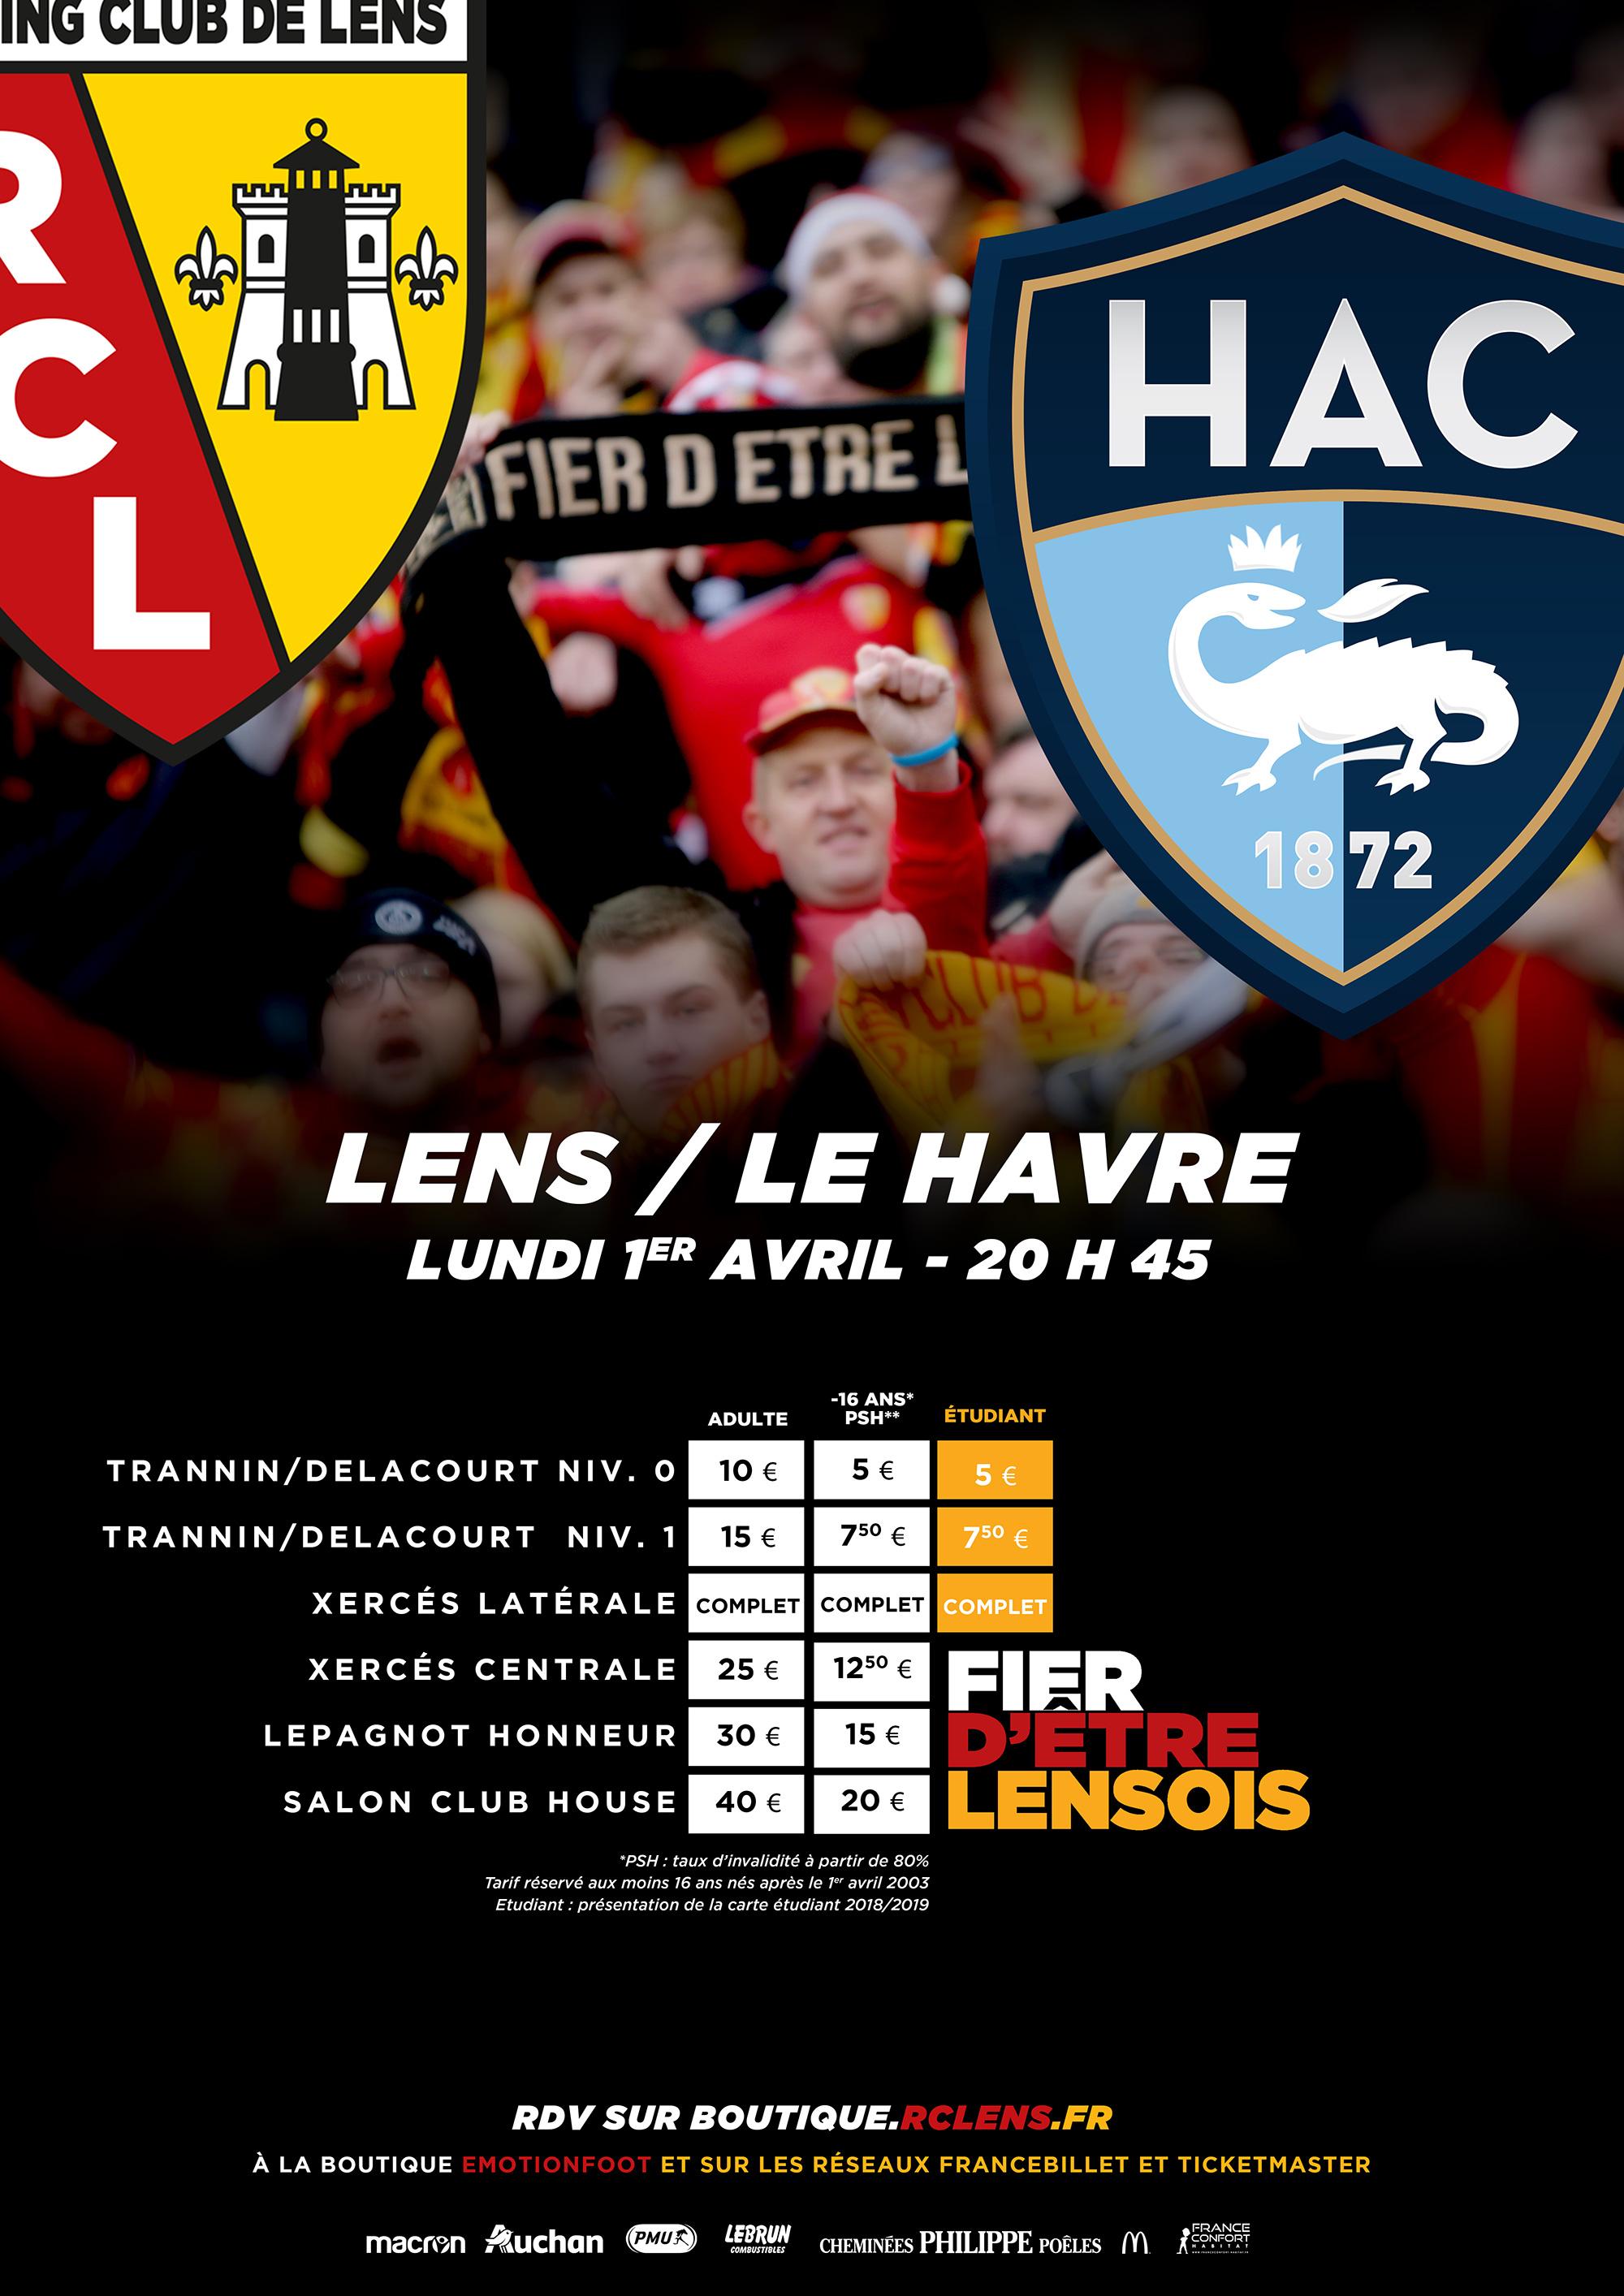 Lens - Le Havre billetterie tarifs